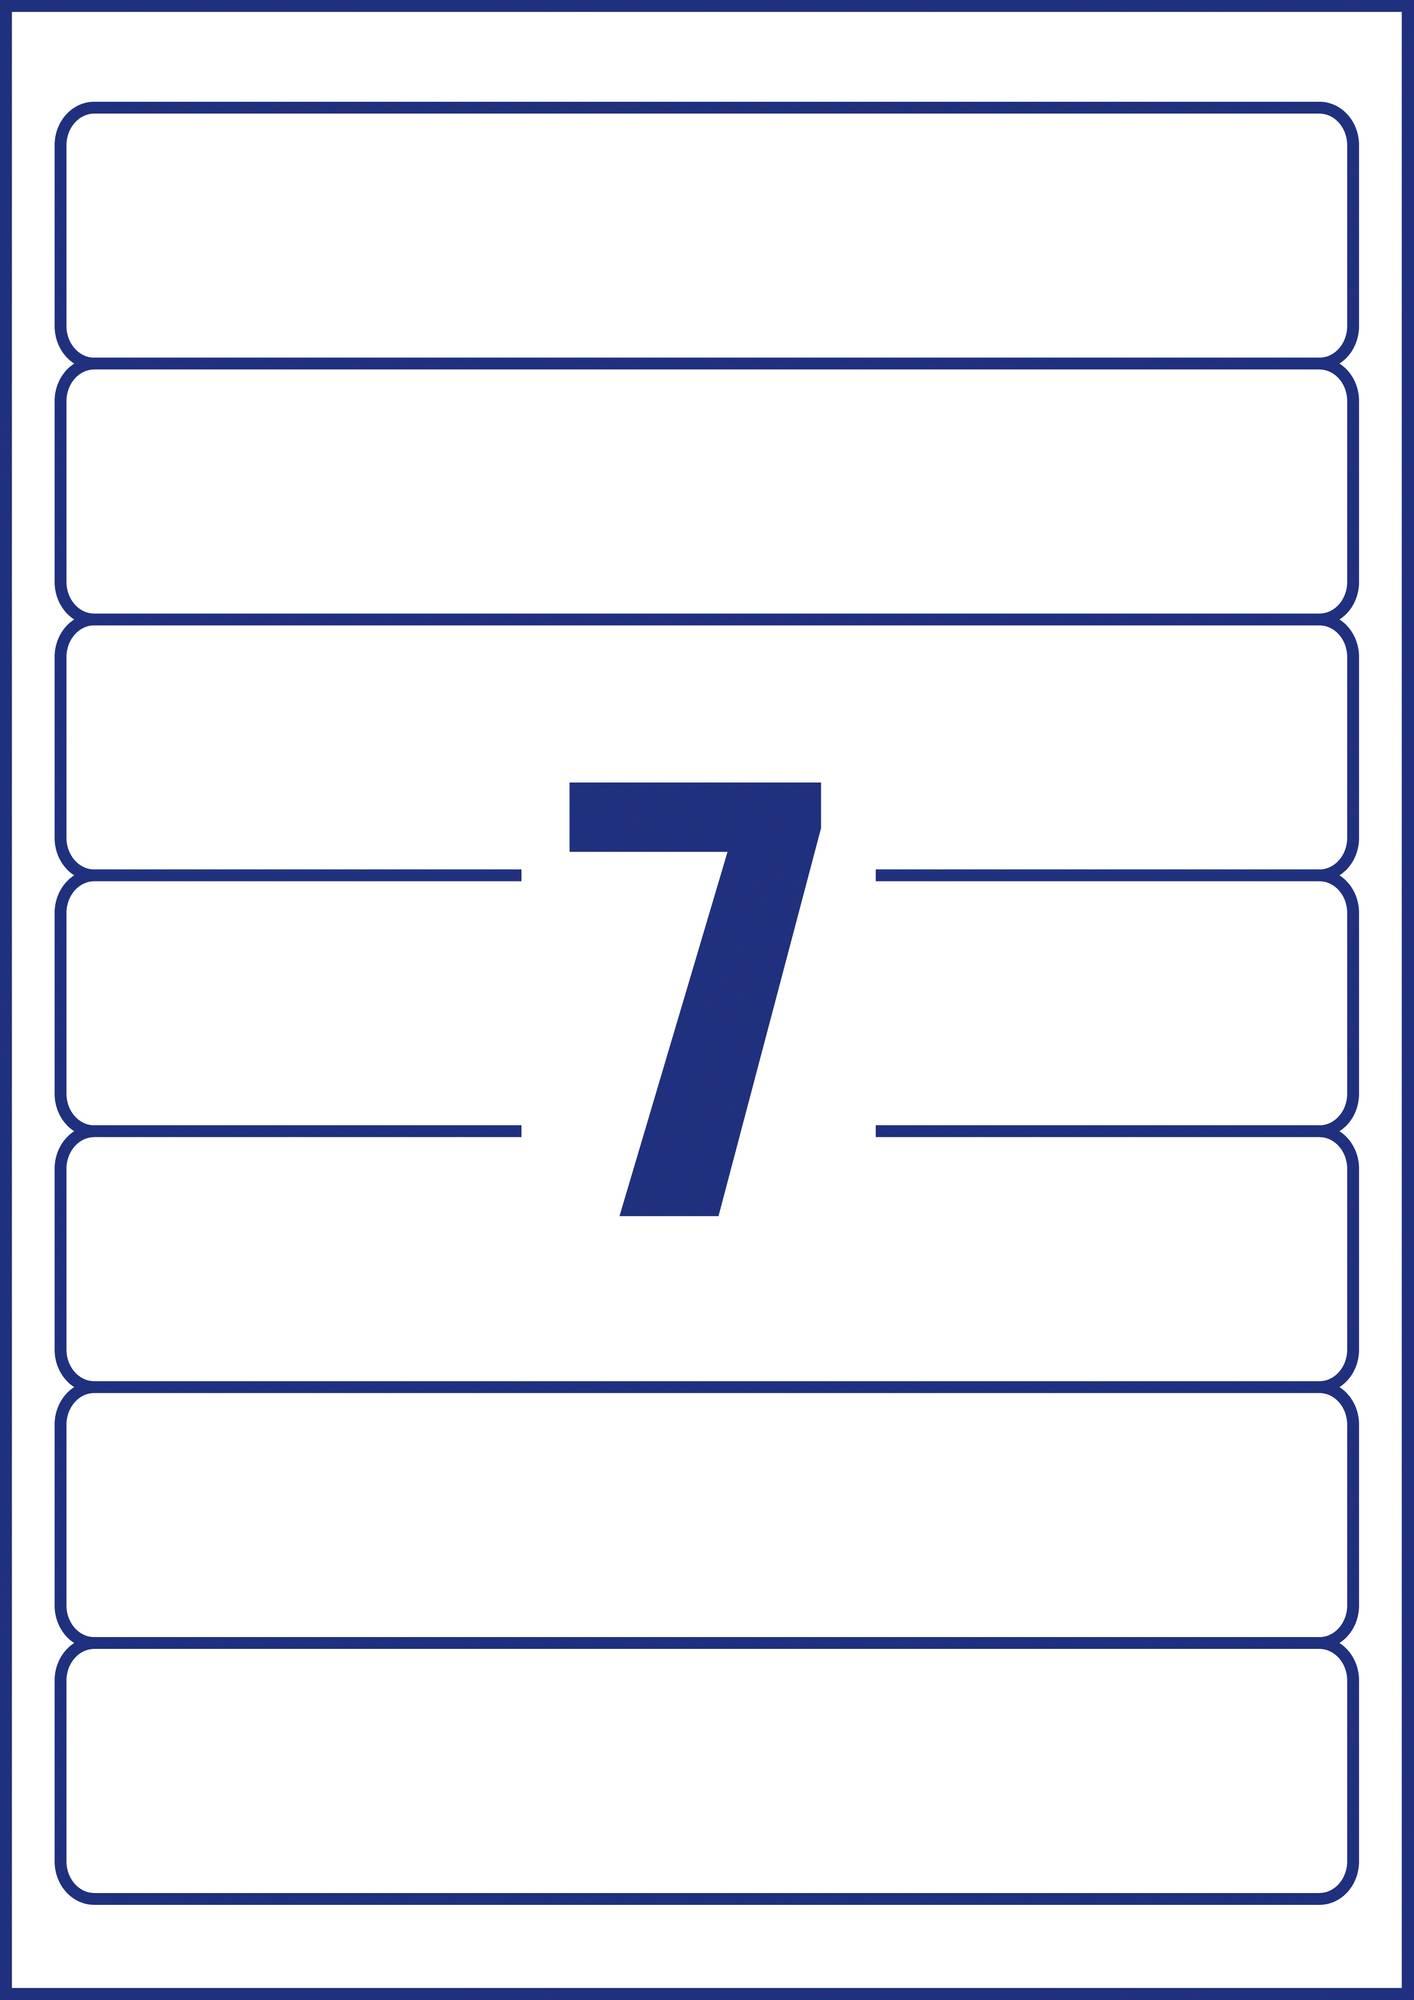 Naturweiße Avery Zweckform LR4760-25 Ordneretiketten, 192 x 38 mm, 7 Etiketten pro Blatt